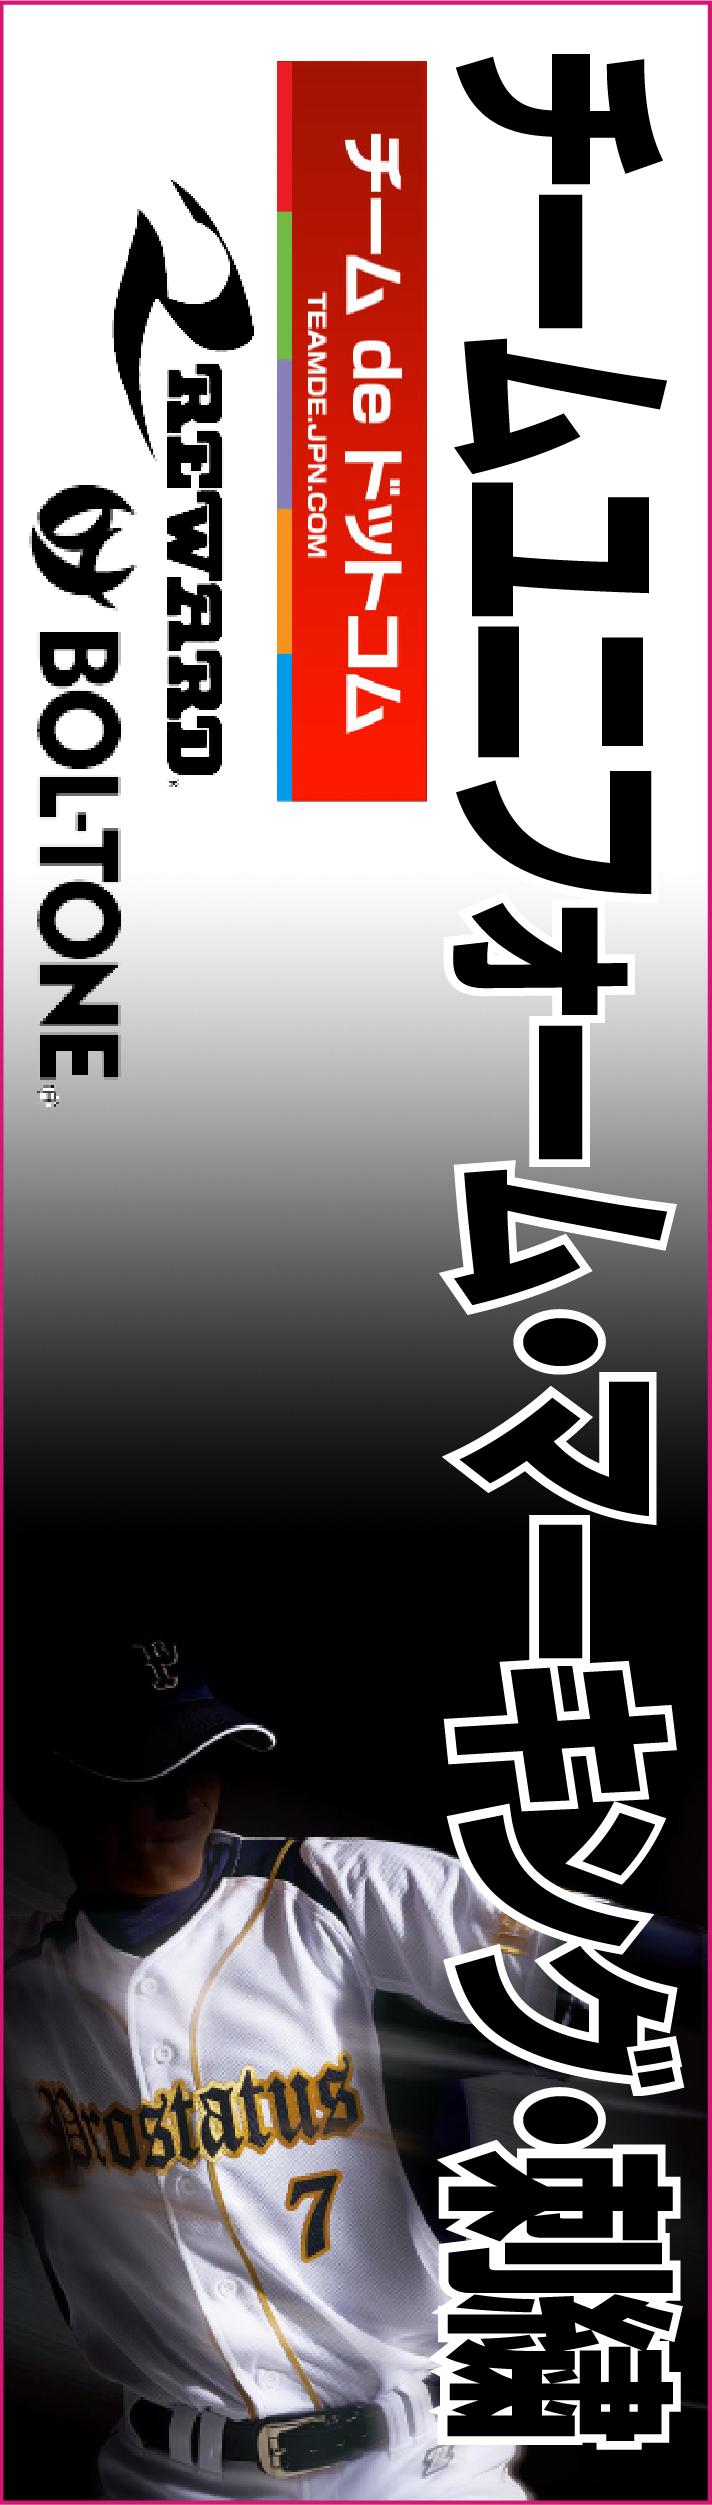 ユニフォーム・マーキング・刺繍